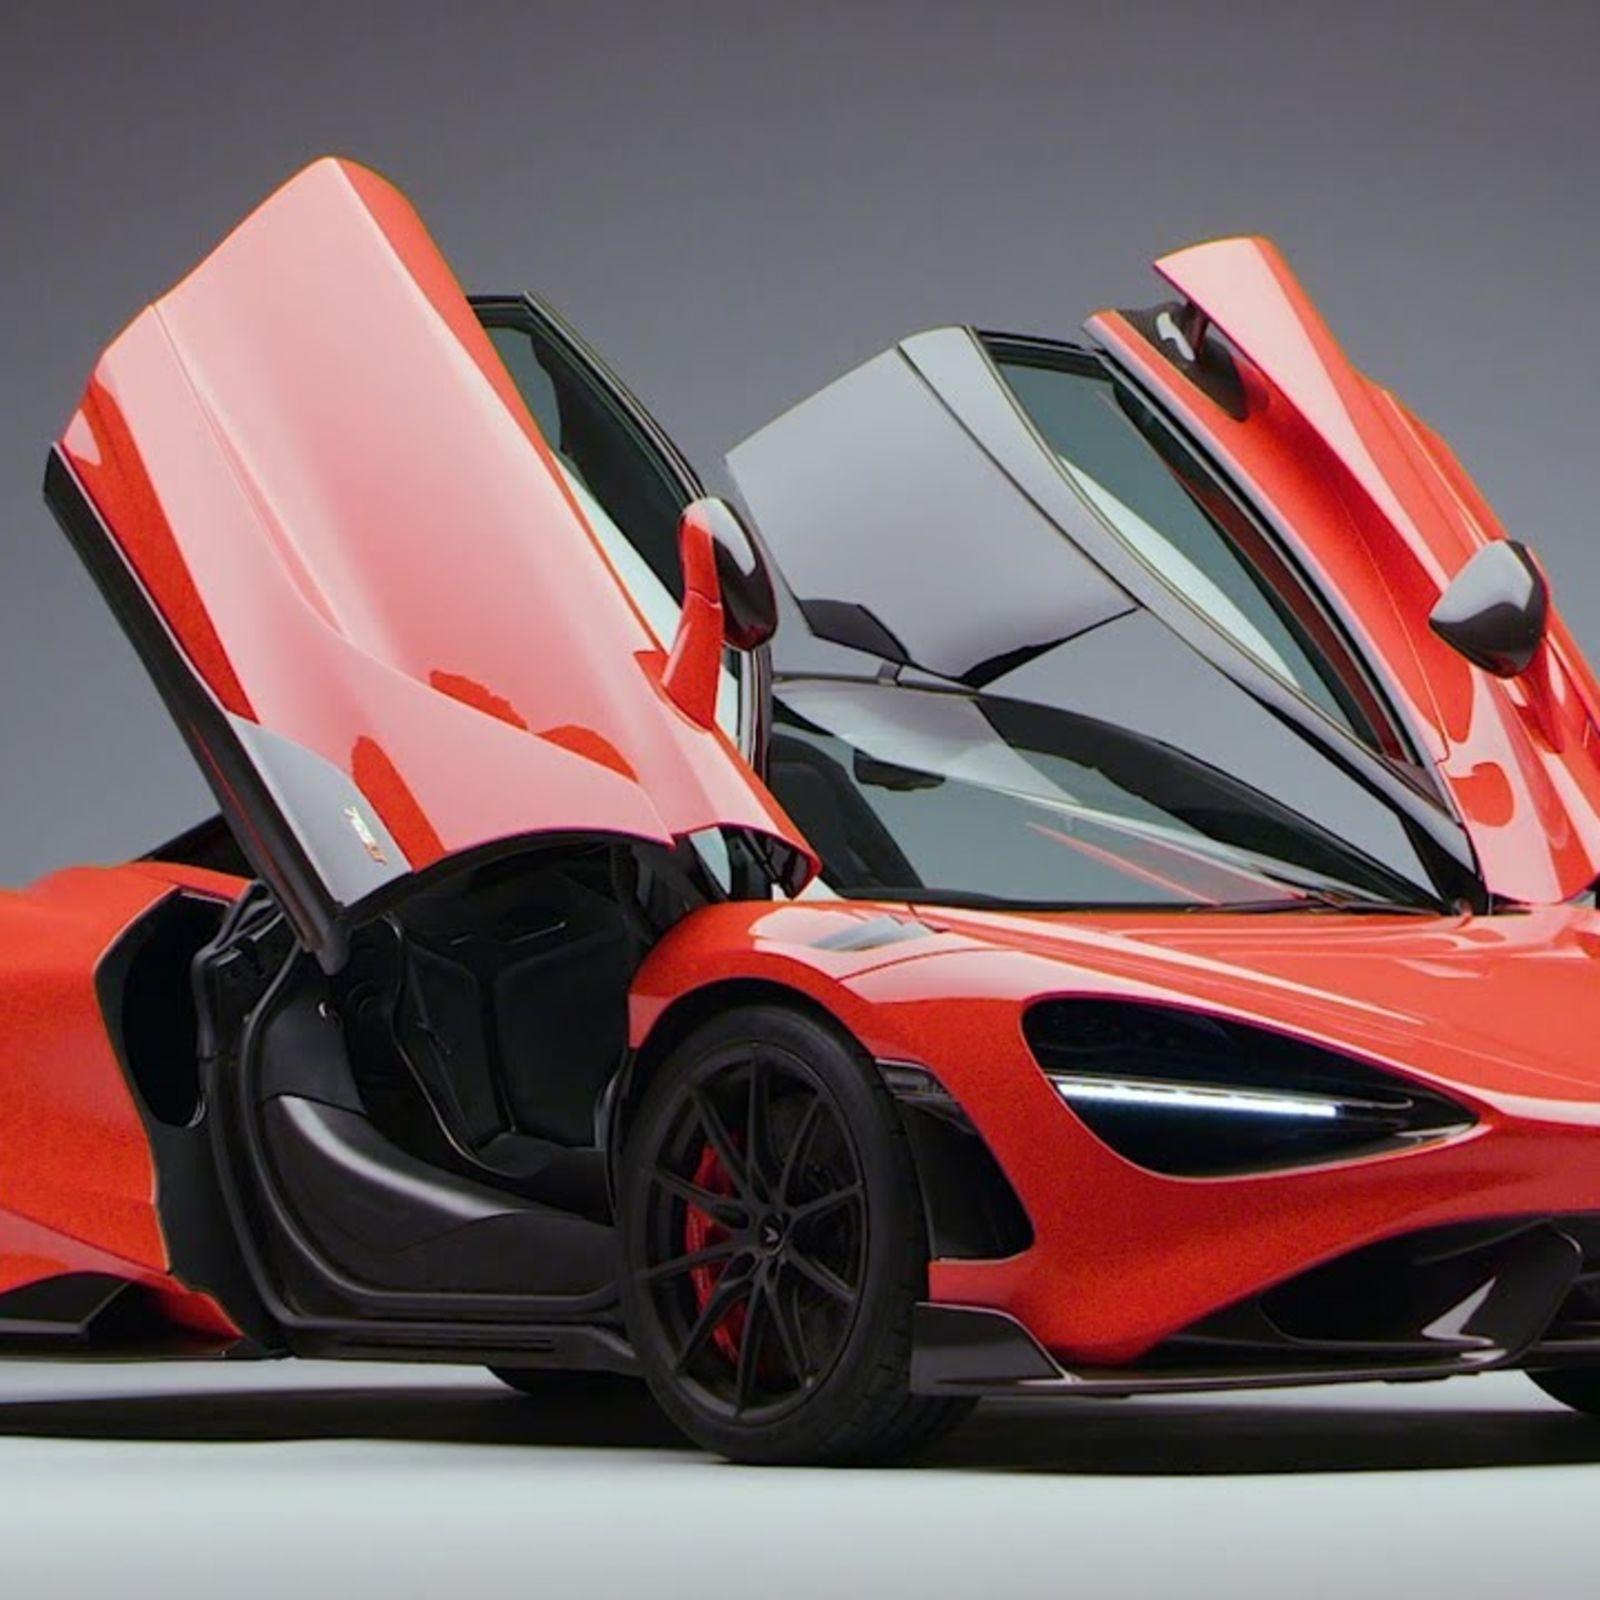 A first look at the McLaren 765LT